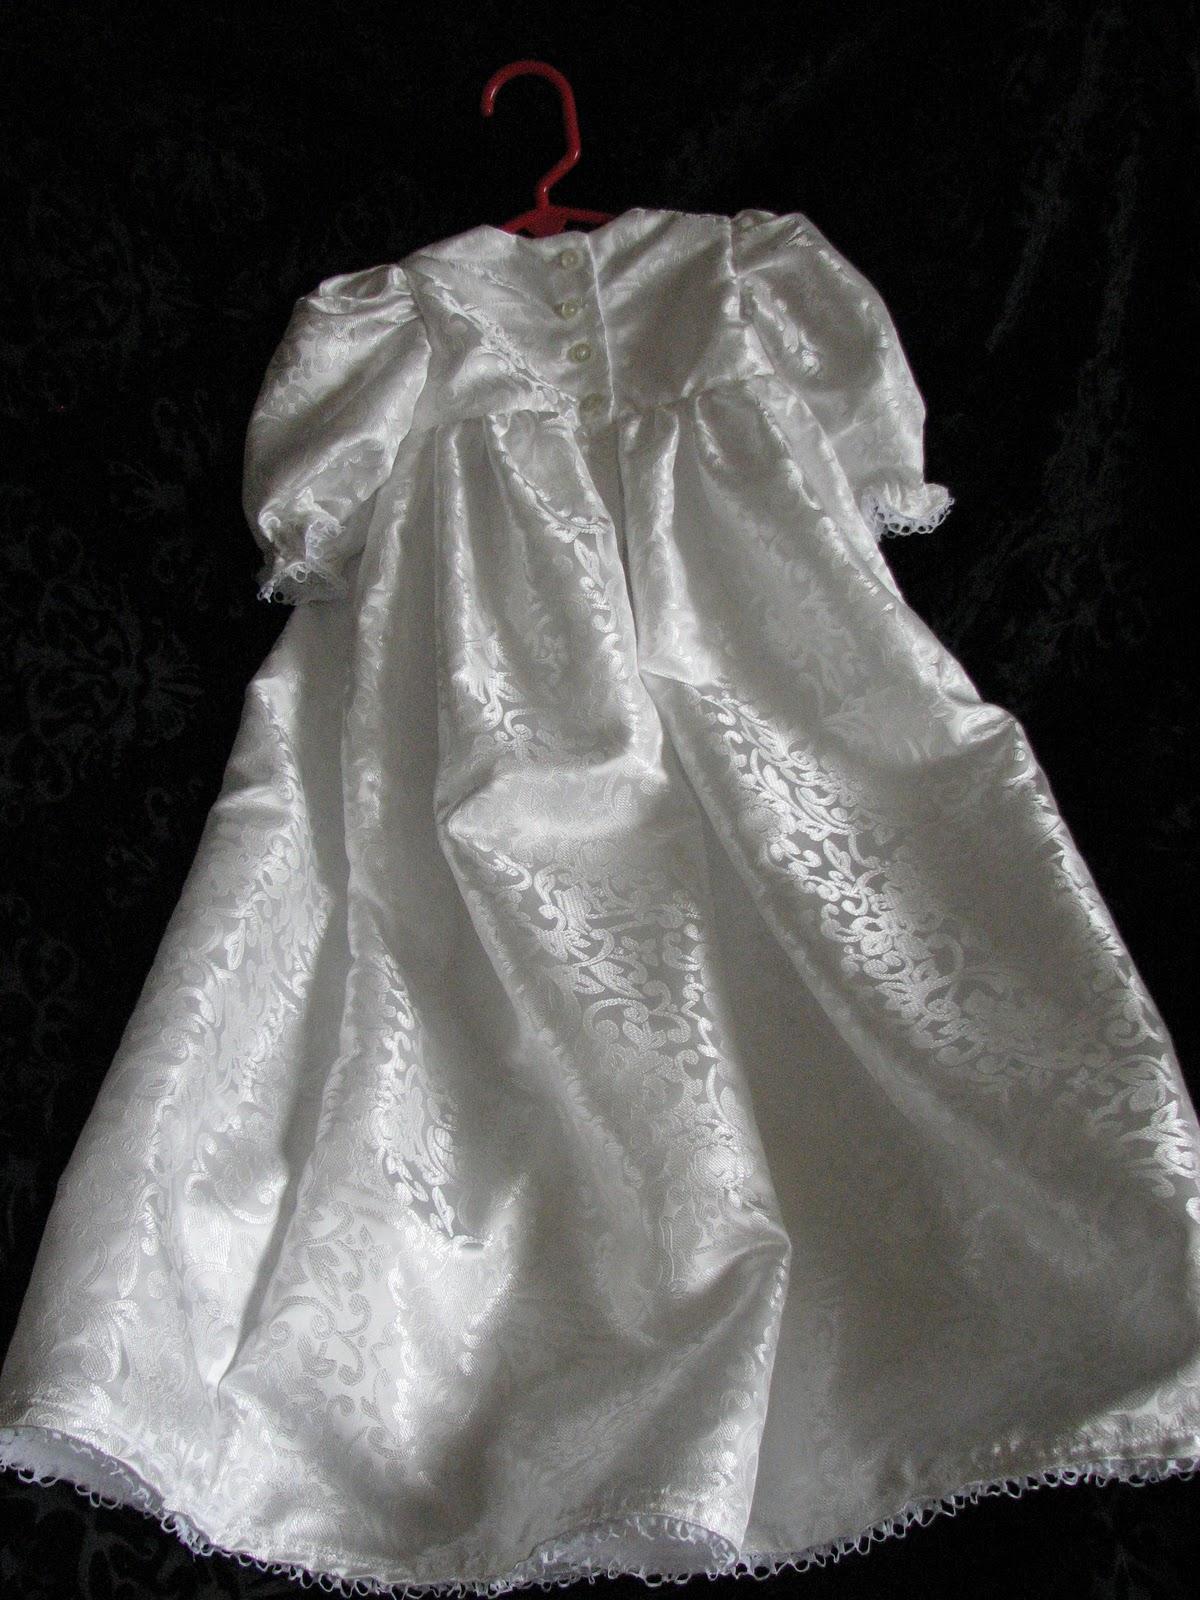 Going s on at the Glenn s Baby Blessing Dress plete